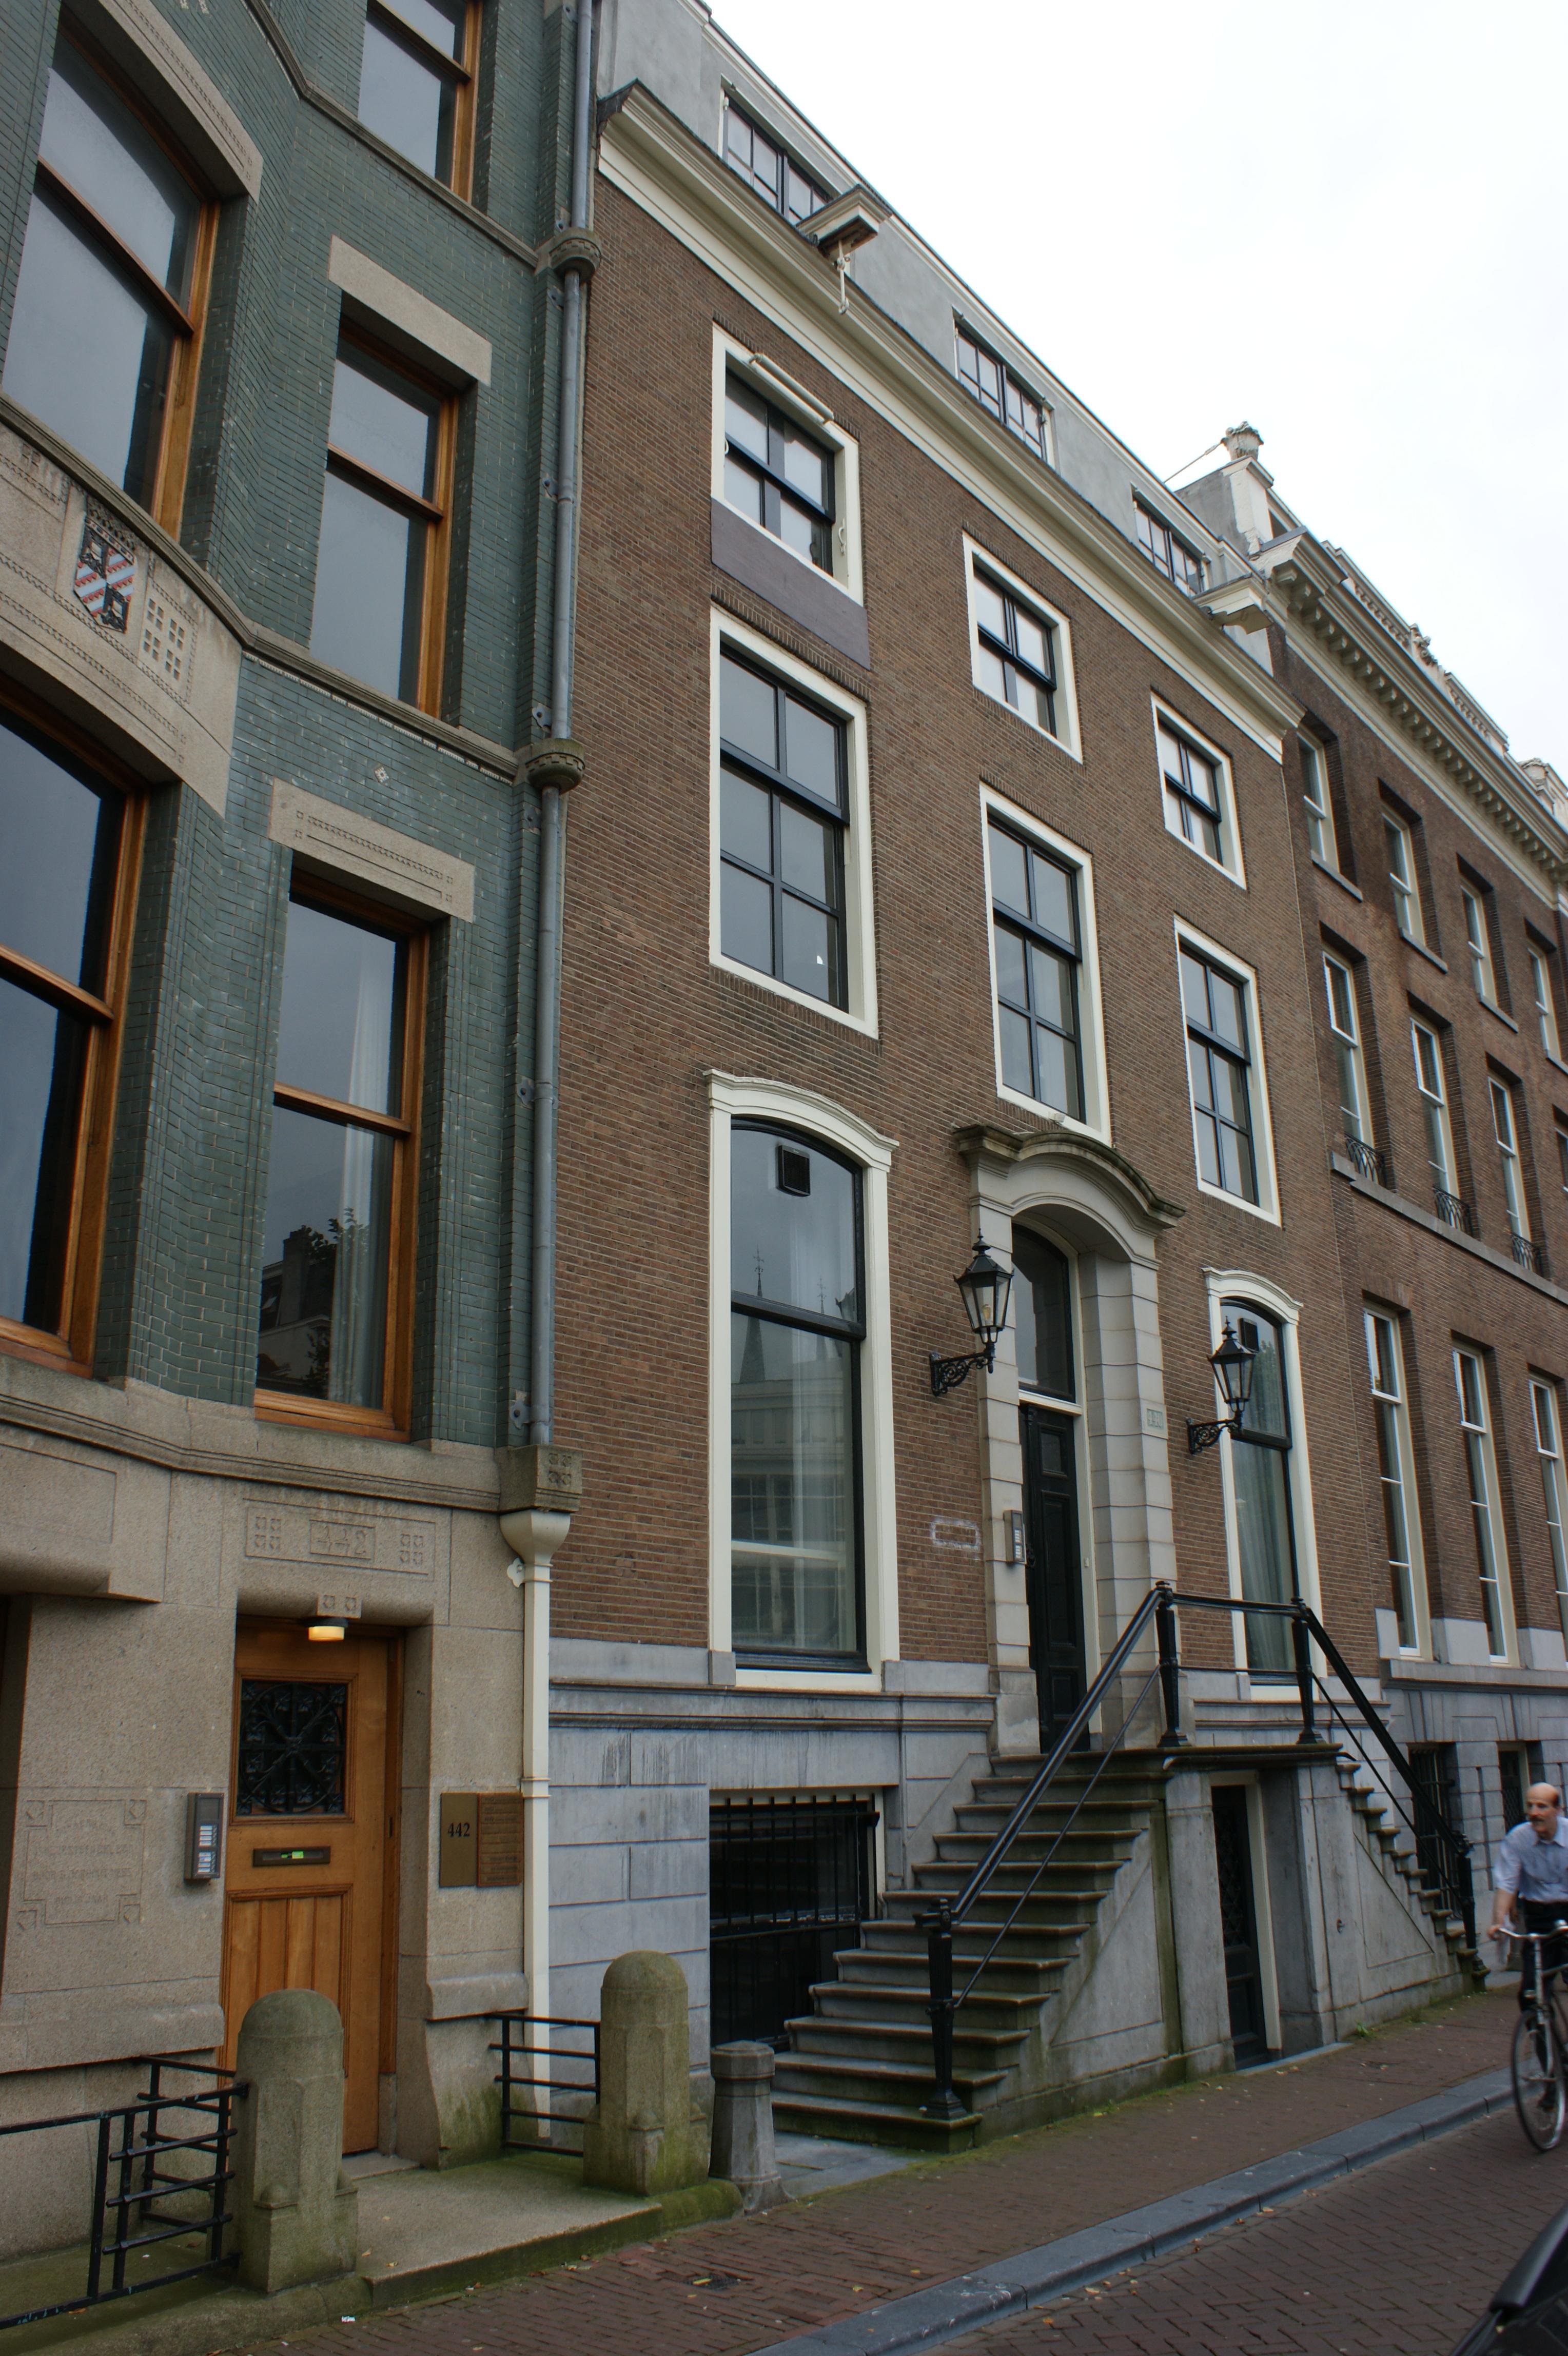 Dubbel huis met gevel van 3 vensterassen onder rechte for Lijst inrichting huis